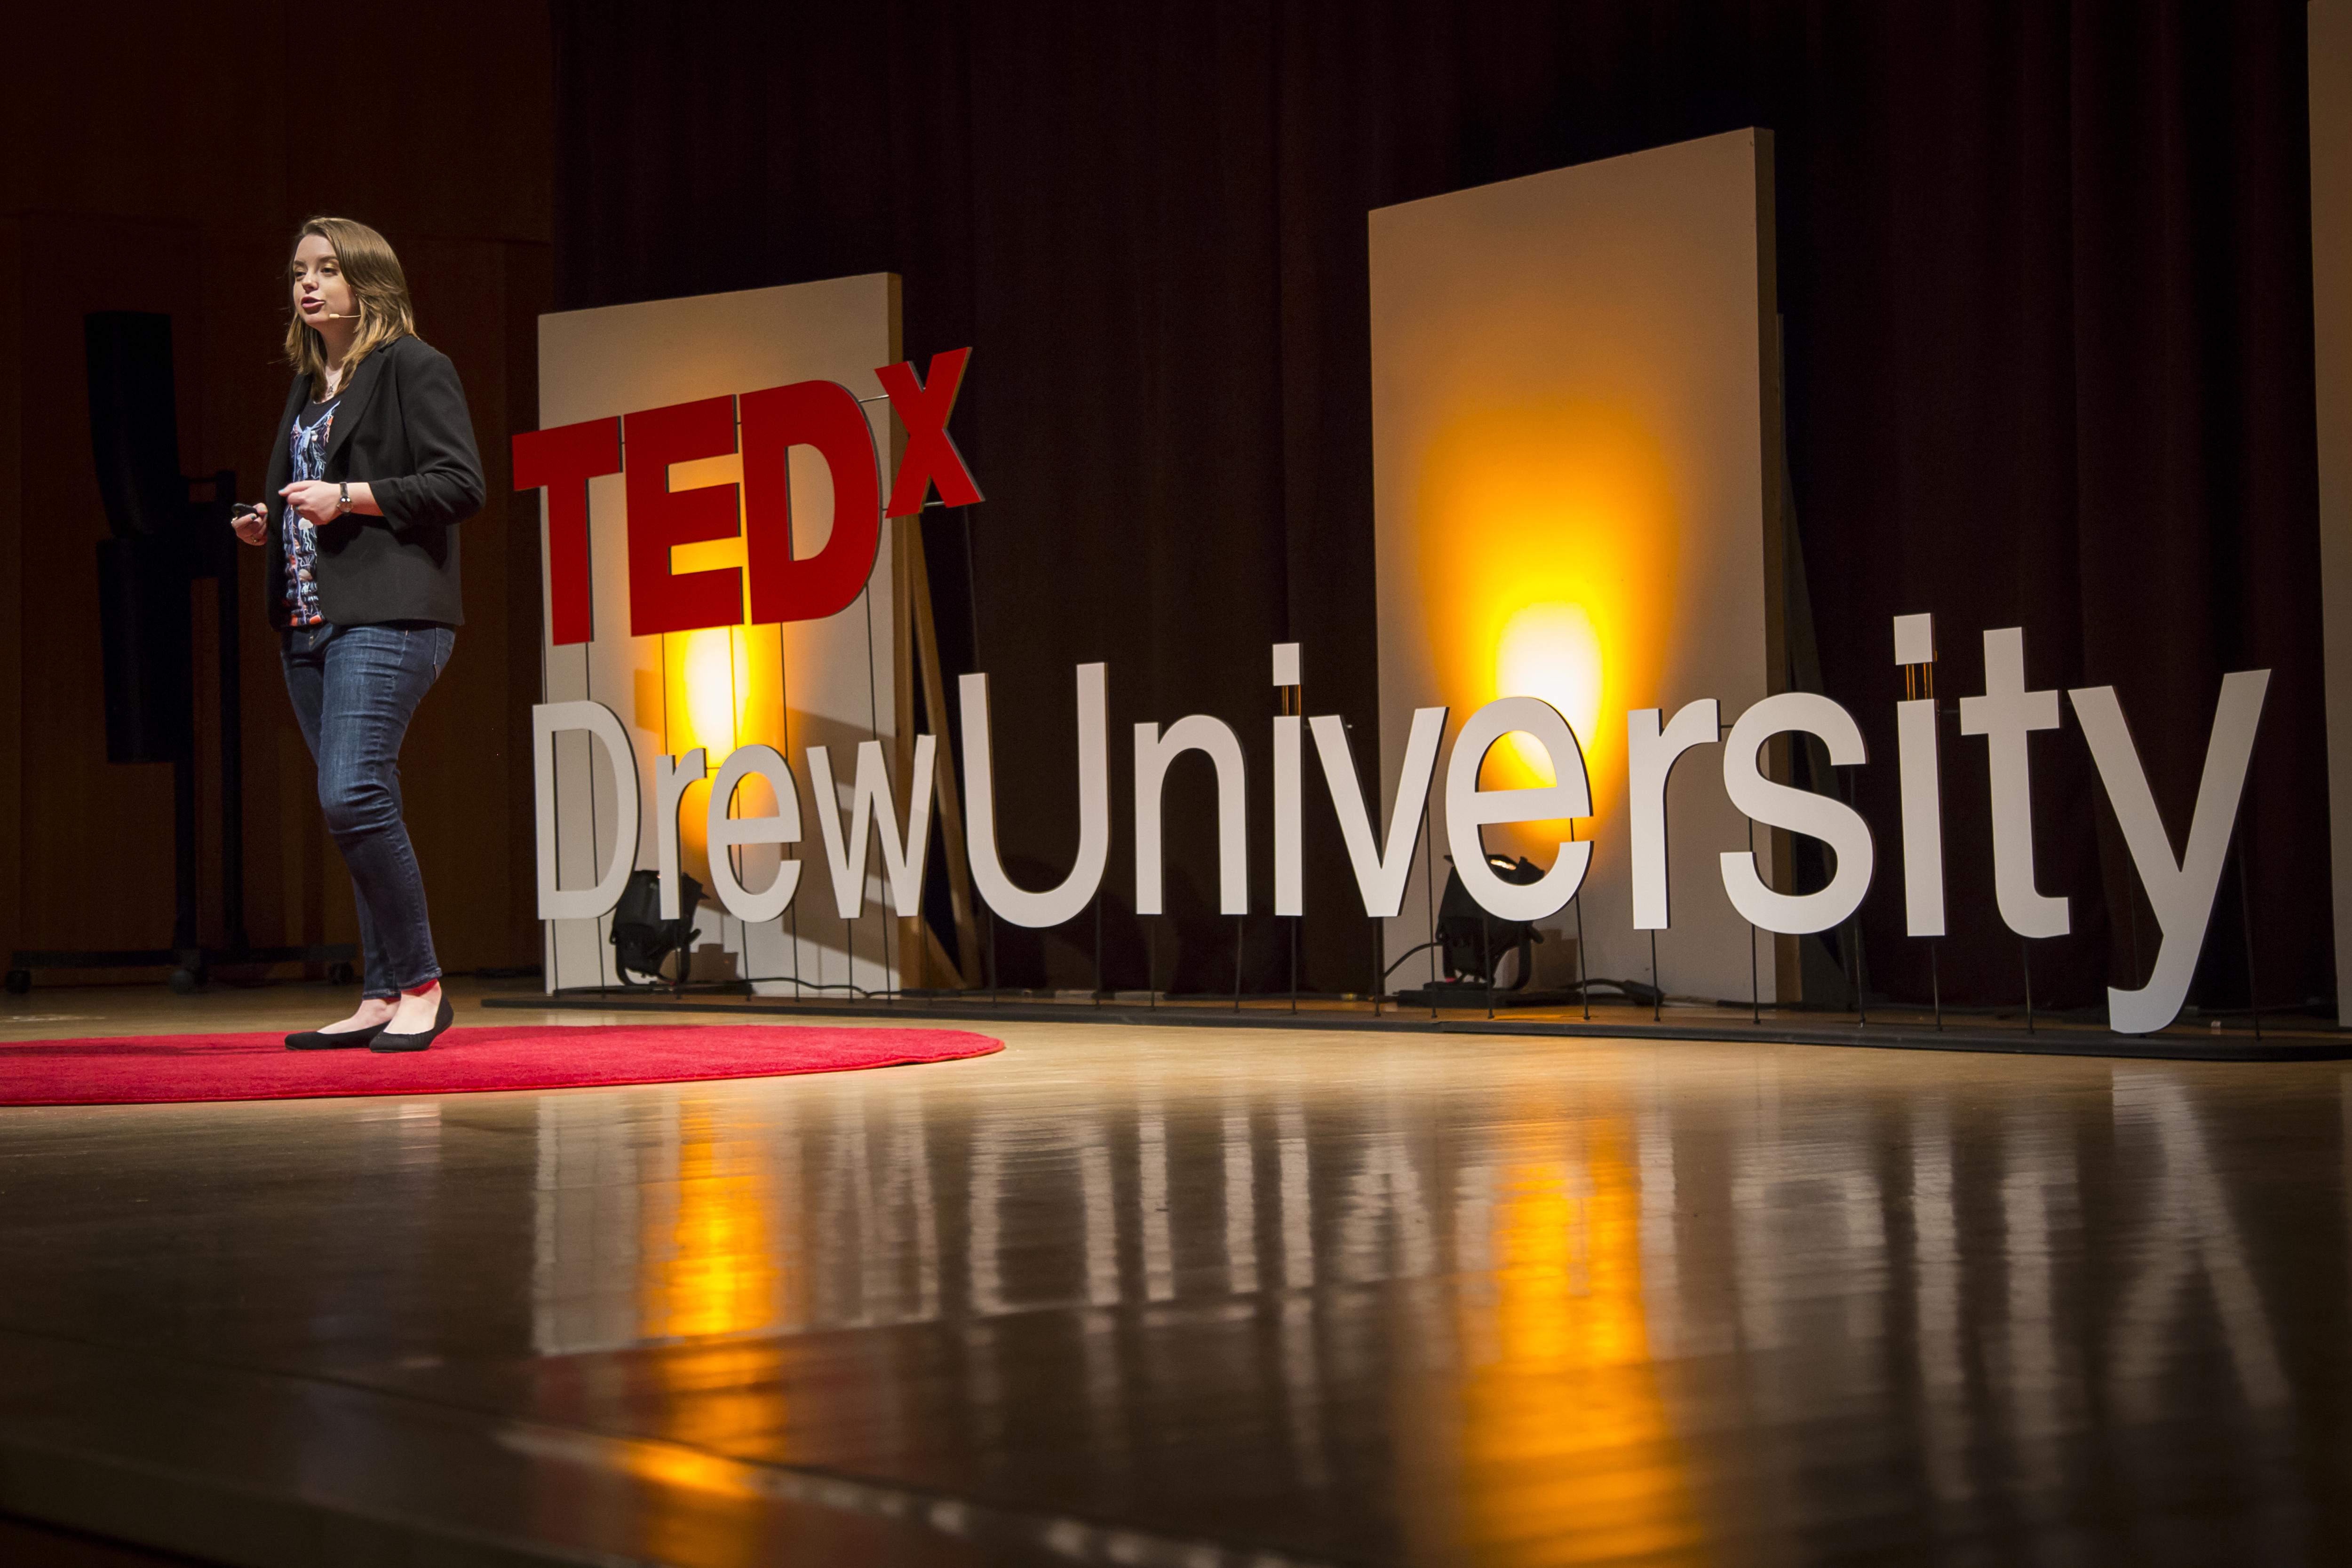 LD_041418_TedX_Drew University_0334